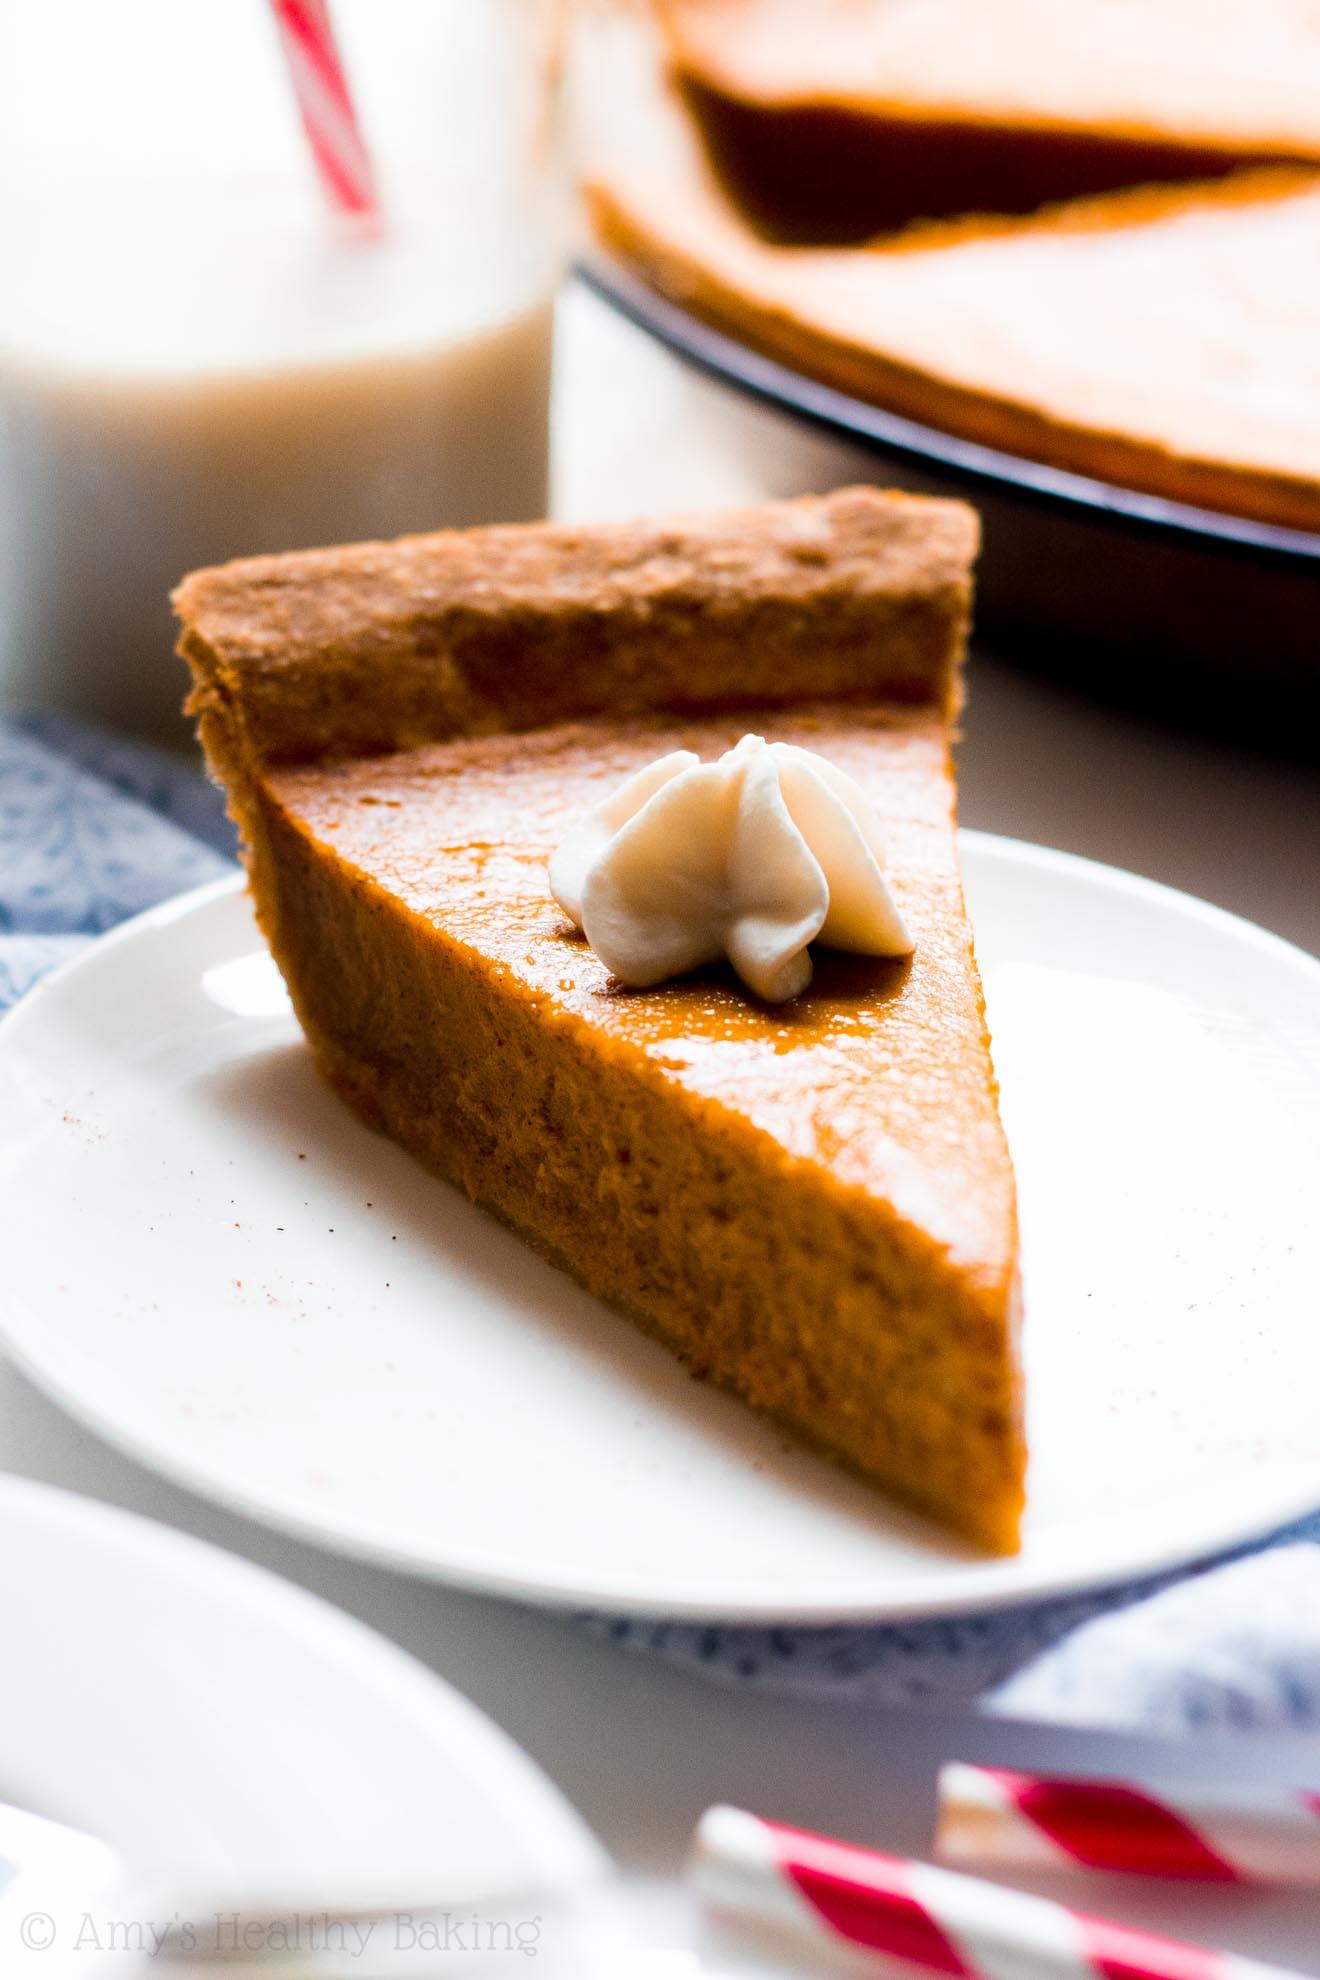 Pumpkin Pie Recipes Healthy  The Ultimate Healthy Pumpkin Pie